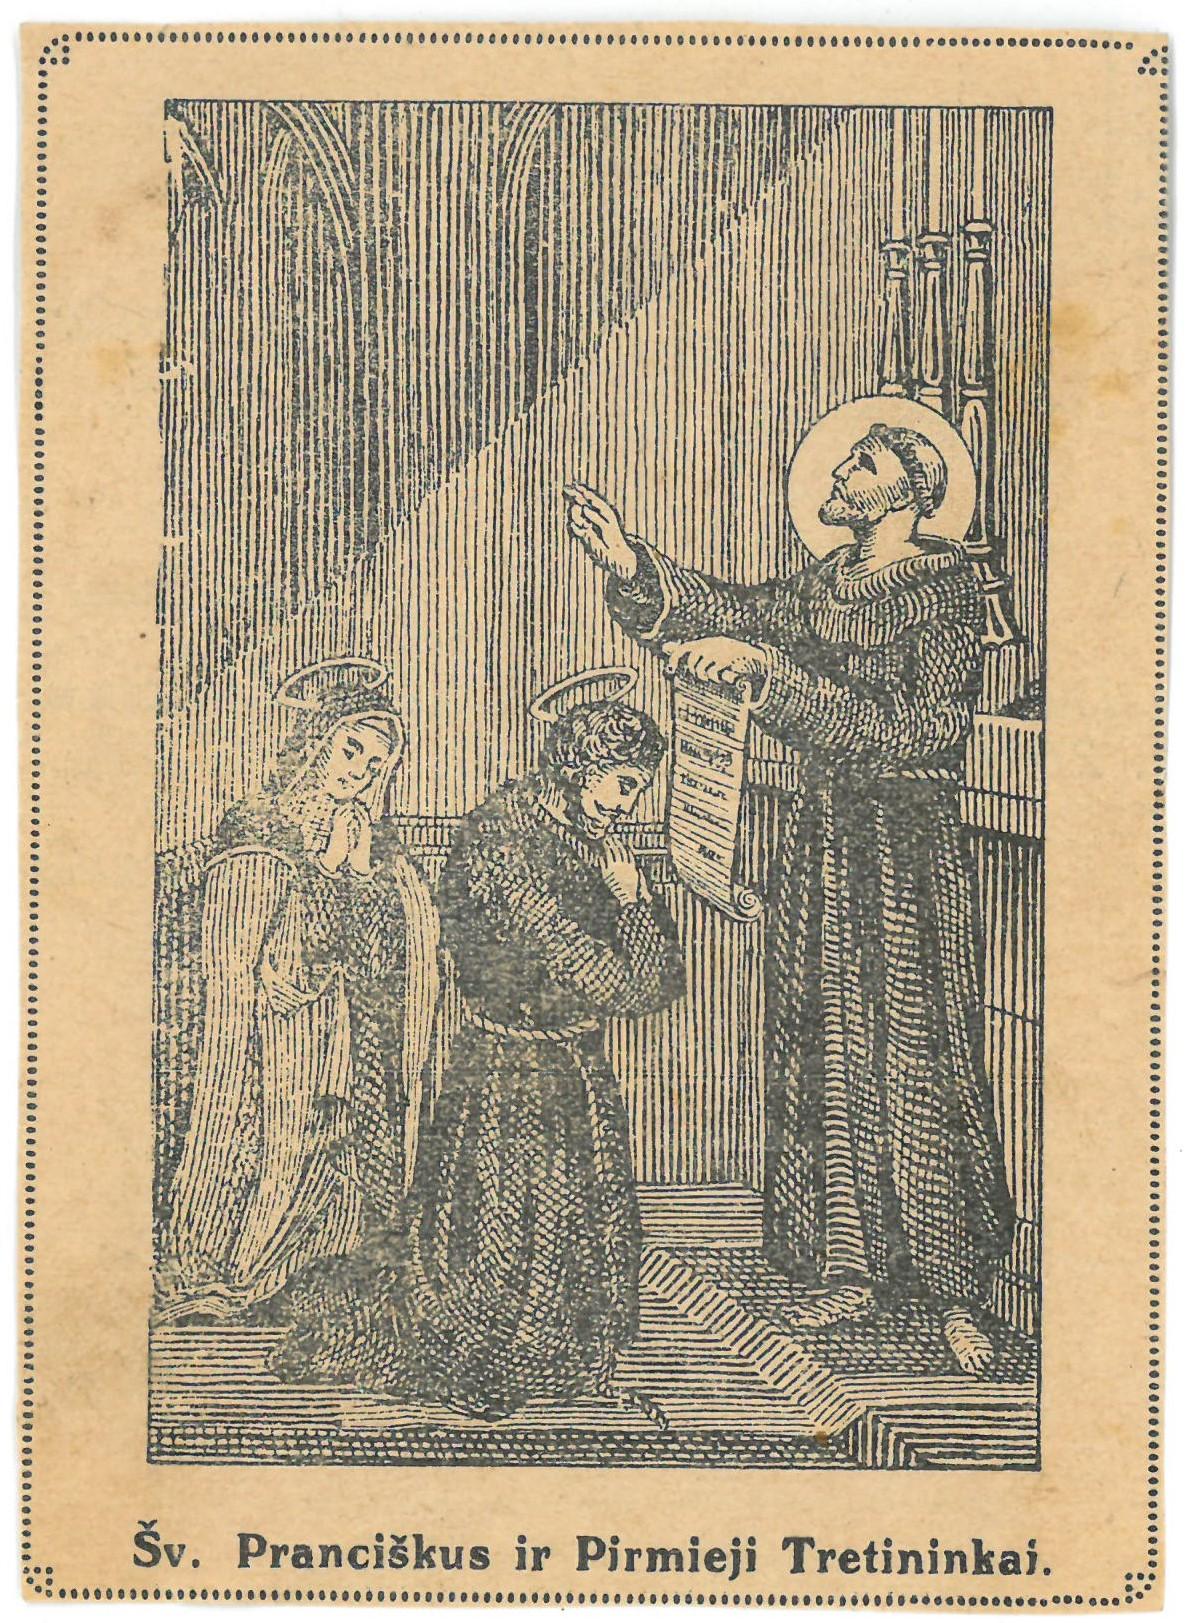 """Religinis paveikslėlis. """"Šv. Pranciškus ir Pirmieji Tretininkai"""""""